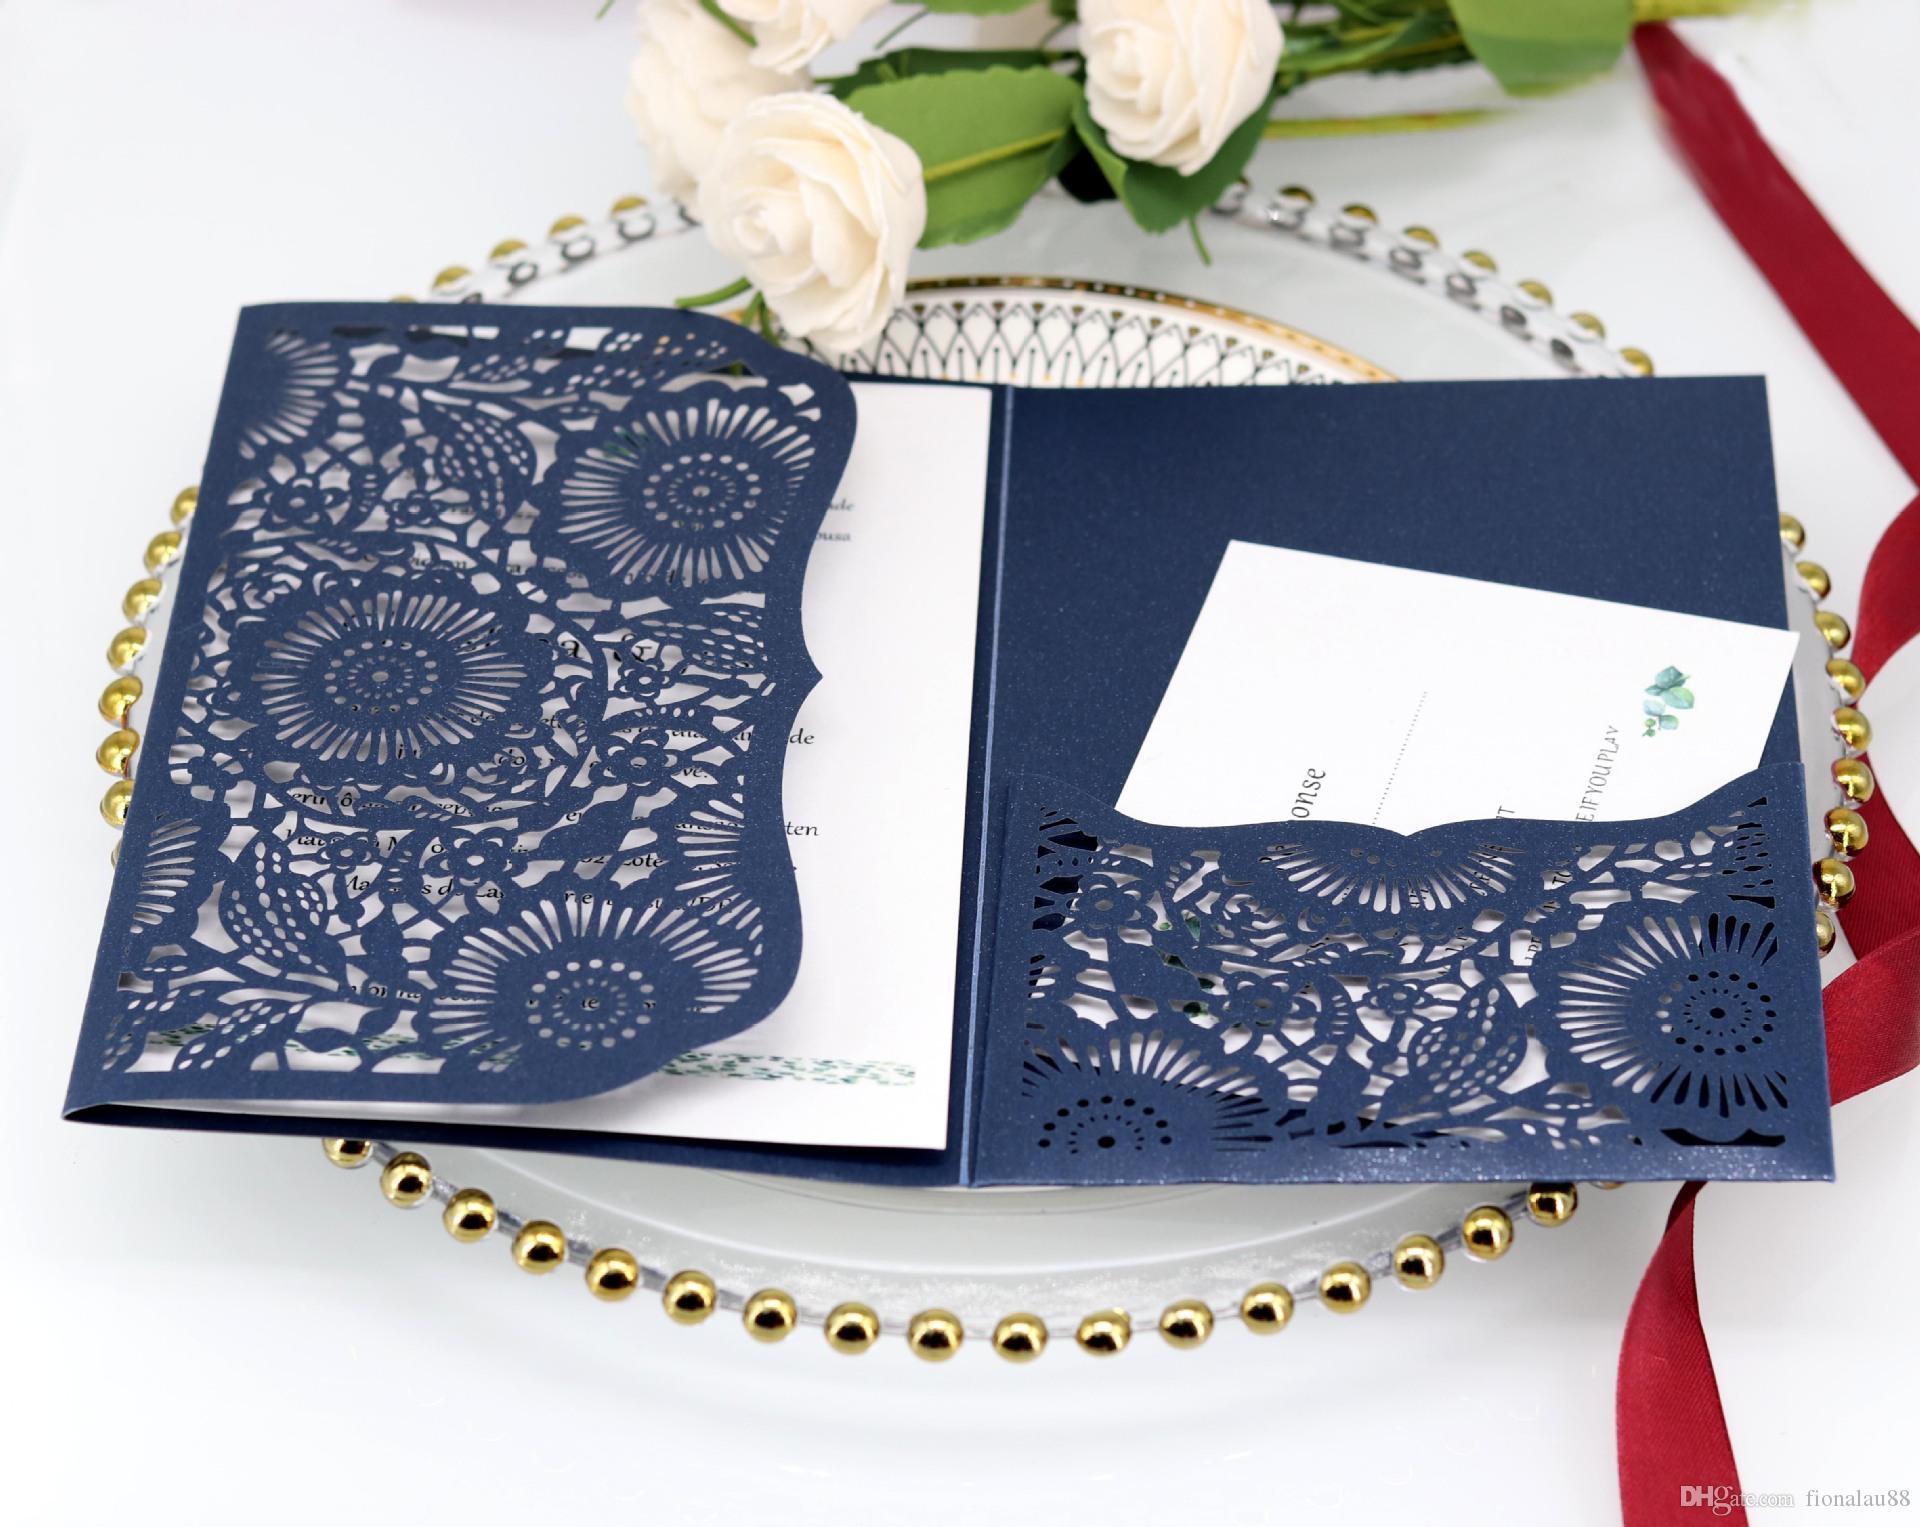 Invitaciones de la boda del corte del láser azul marino, la cena de la noche invitaciones de la cena de la tarde Corte laser Invites Invites Cover Envío gratis